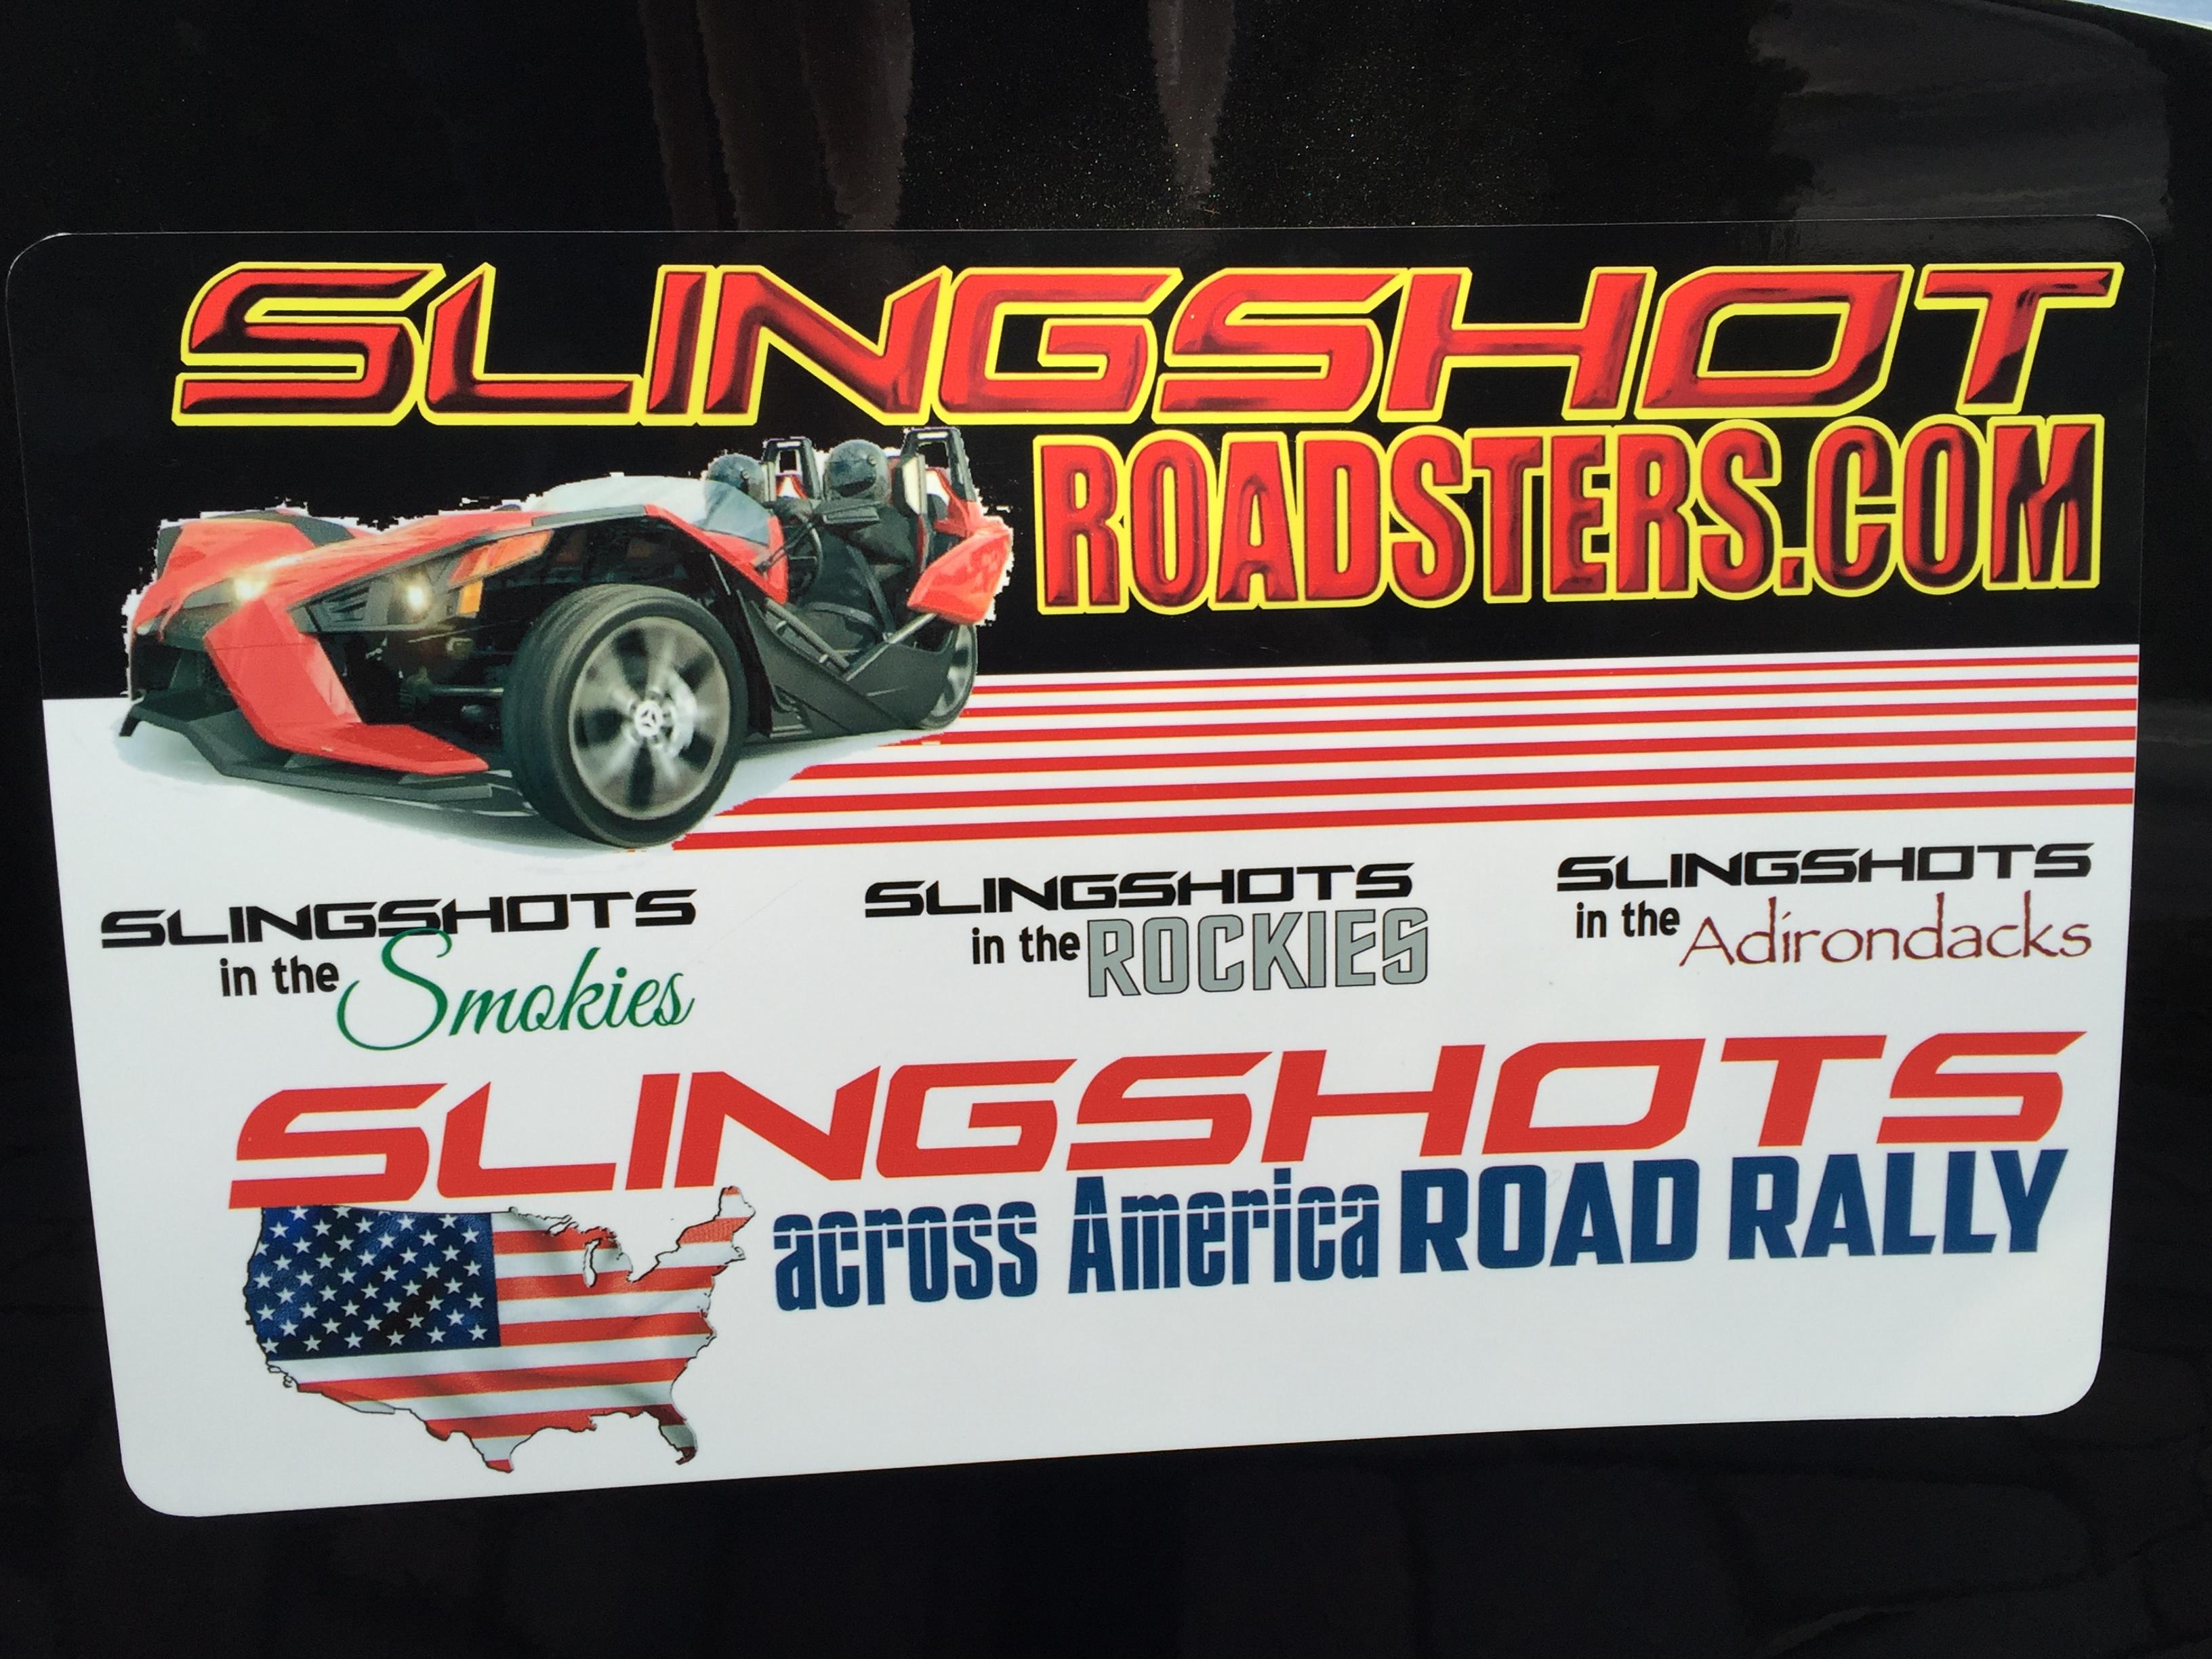 Slingshotroadsters 2016 Event Schedule. | Page 2 | Polaris Slingshot ...